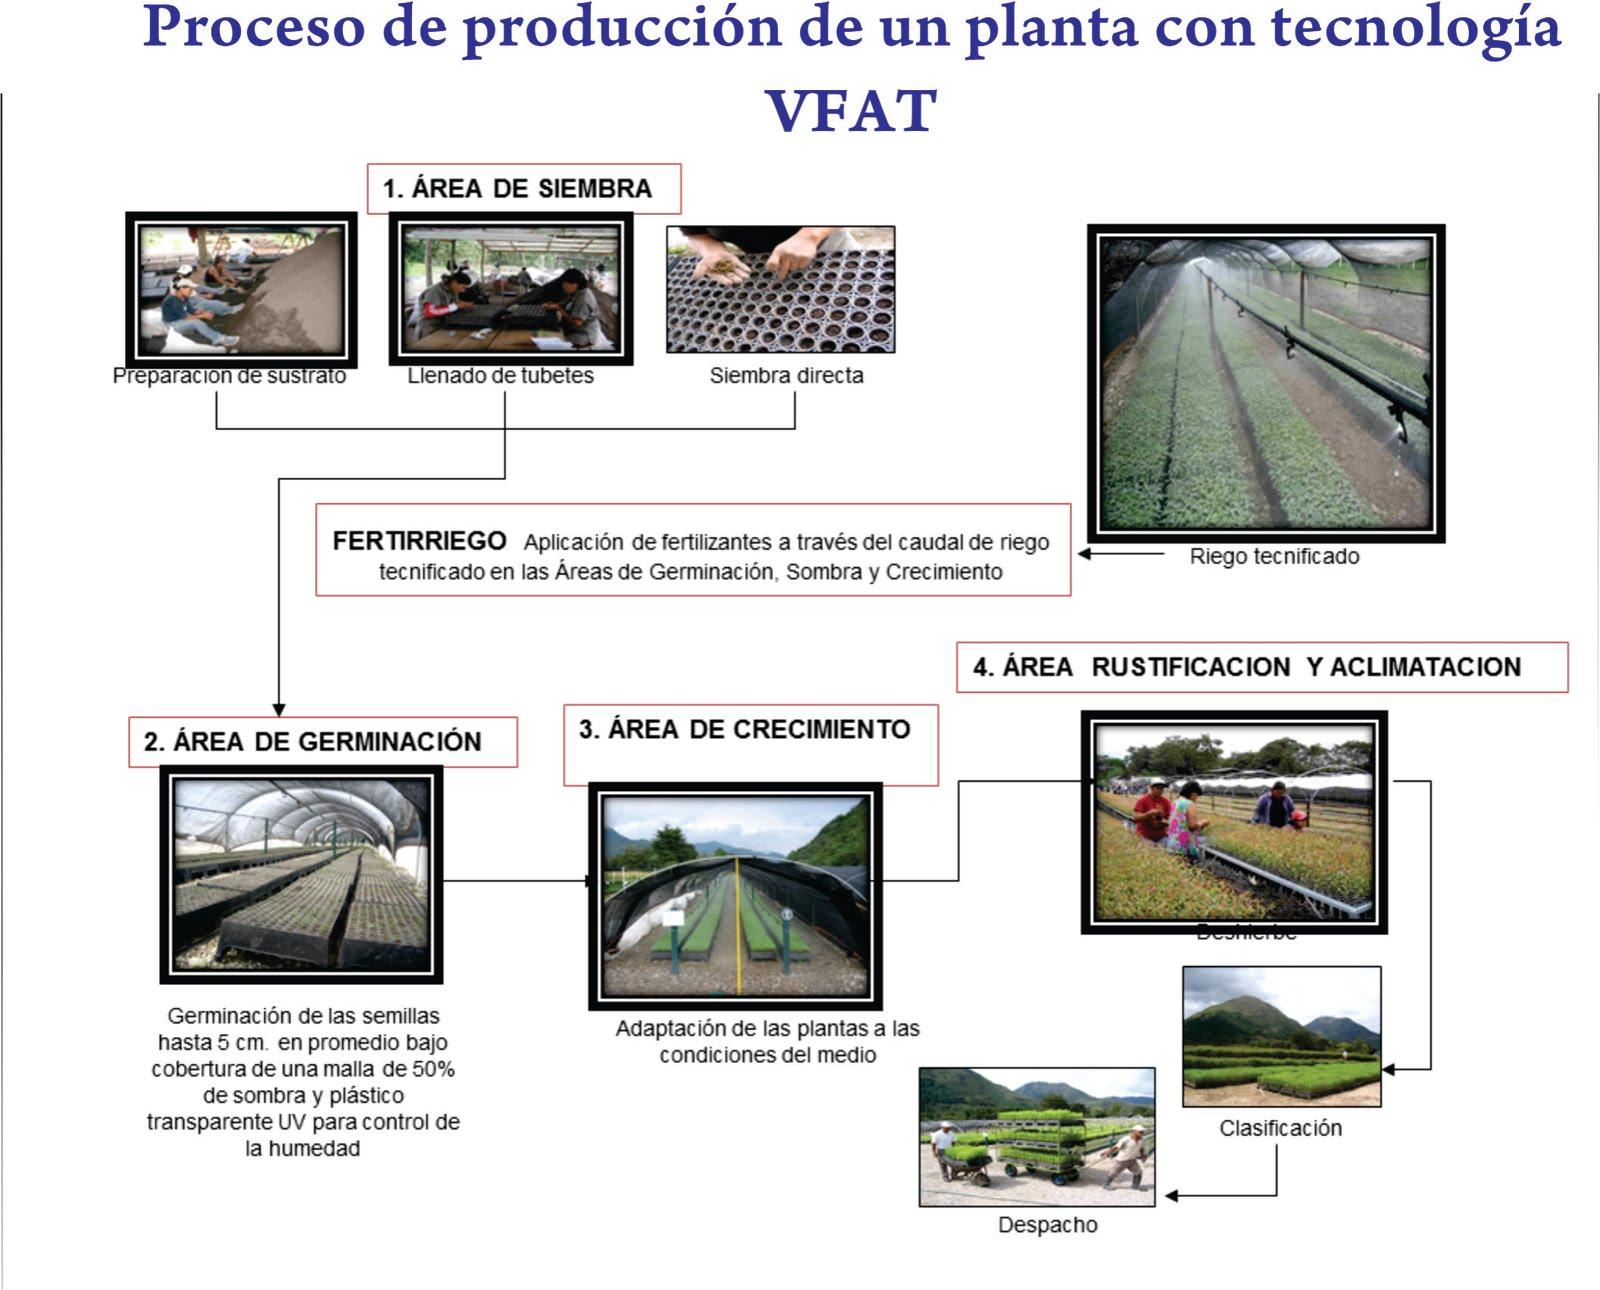 Vivero forestal de alta tecnologia septiembre 2011 for Como disenar un vivero